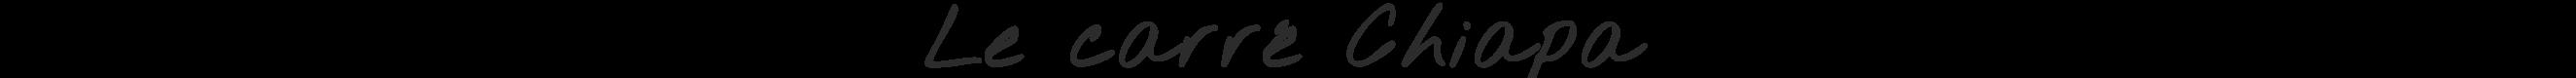 http://lookbook.allee-du-foulard.fr/wp-content/uploads/2018/06/0679-ADF-Accessoires-de-mode-LB-Coll_geometrique-Titre-carre_chiapa-2650x80.png